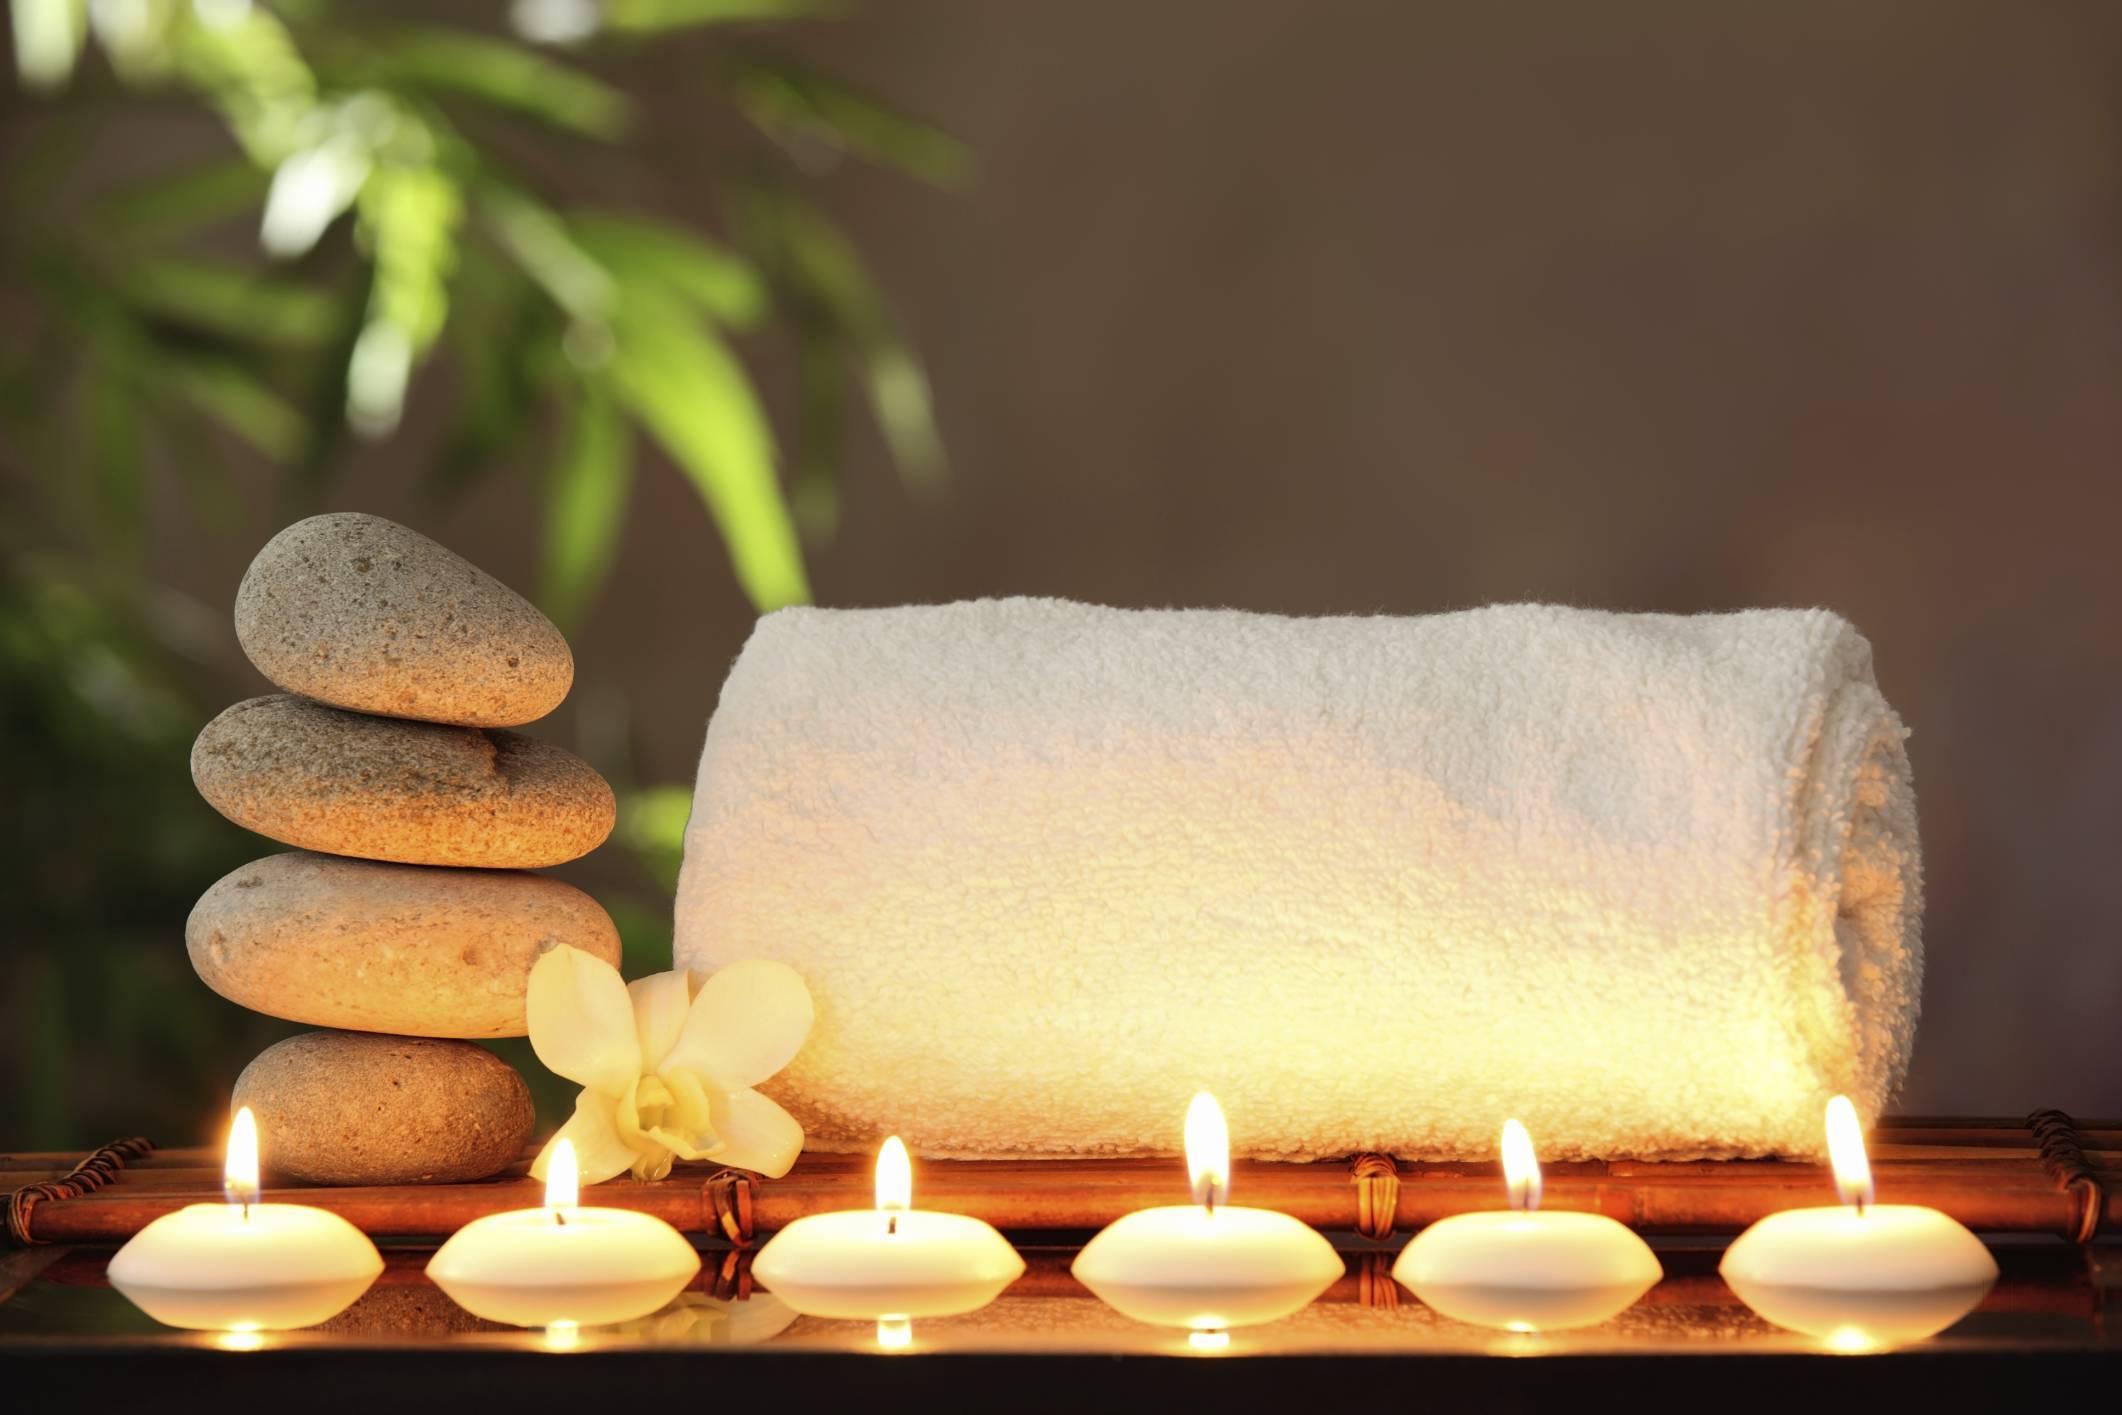 Vedic Mantra Spa